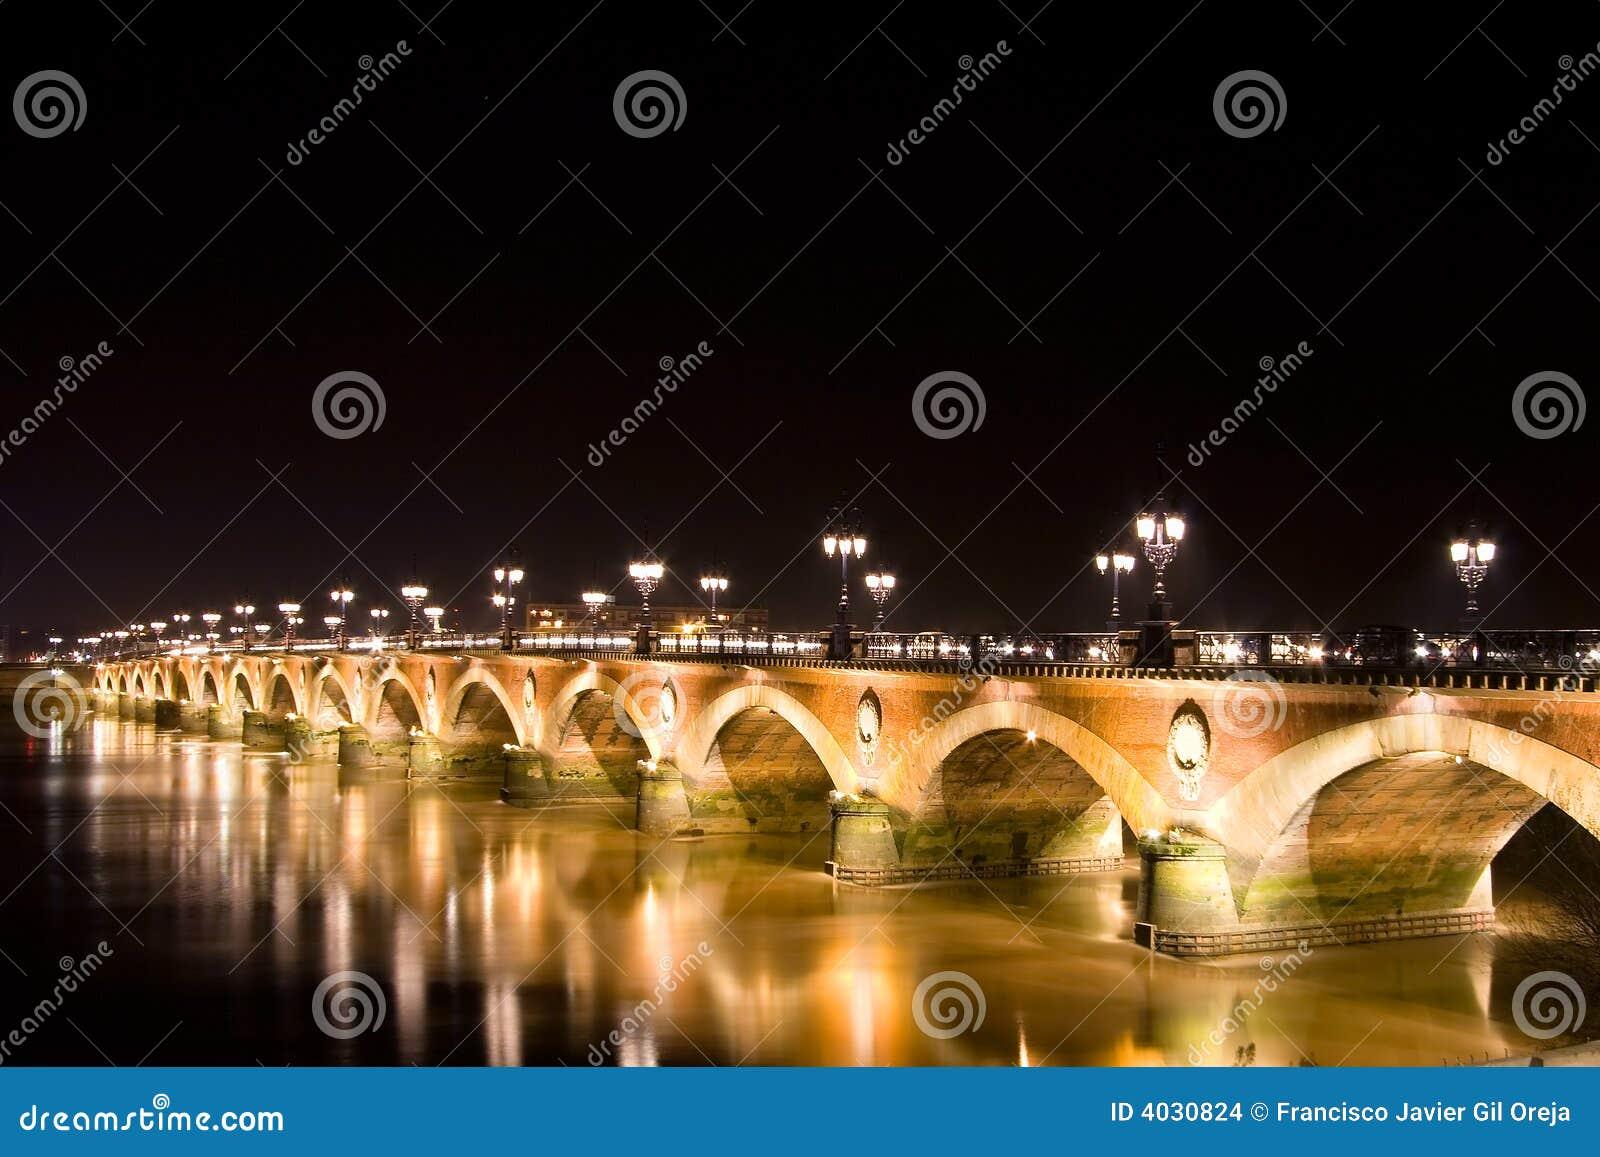 Pont De Pierre Stock Images - Image: 4030824